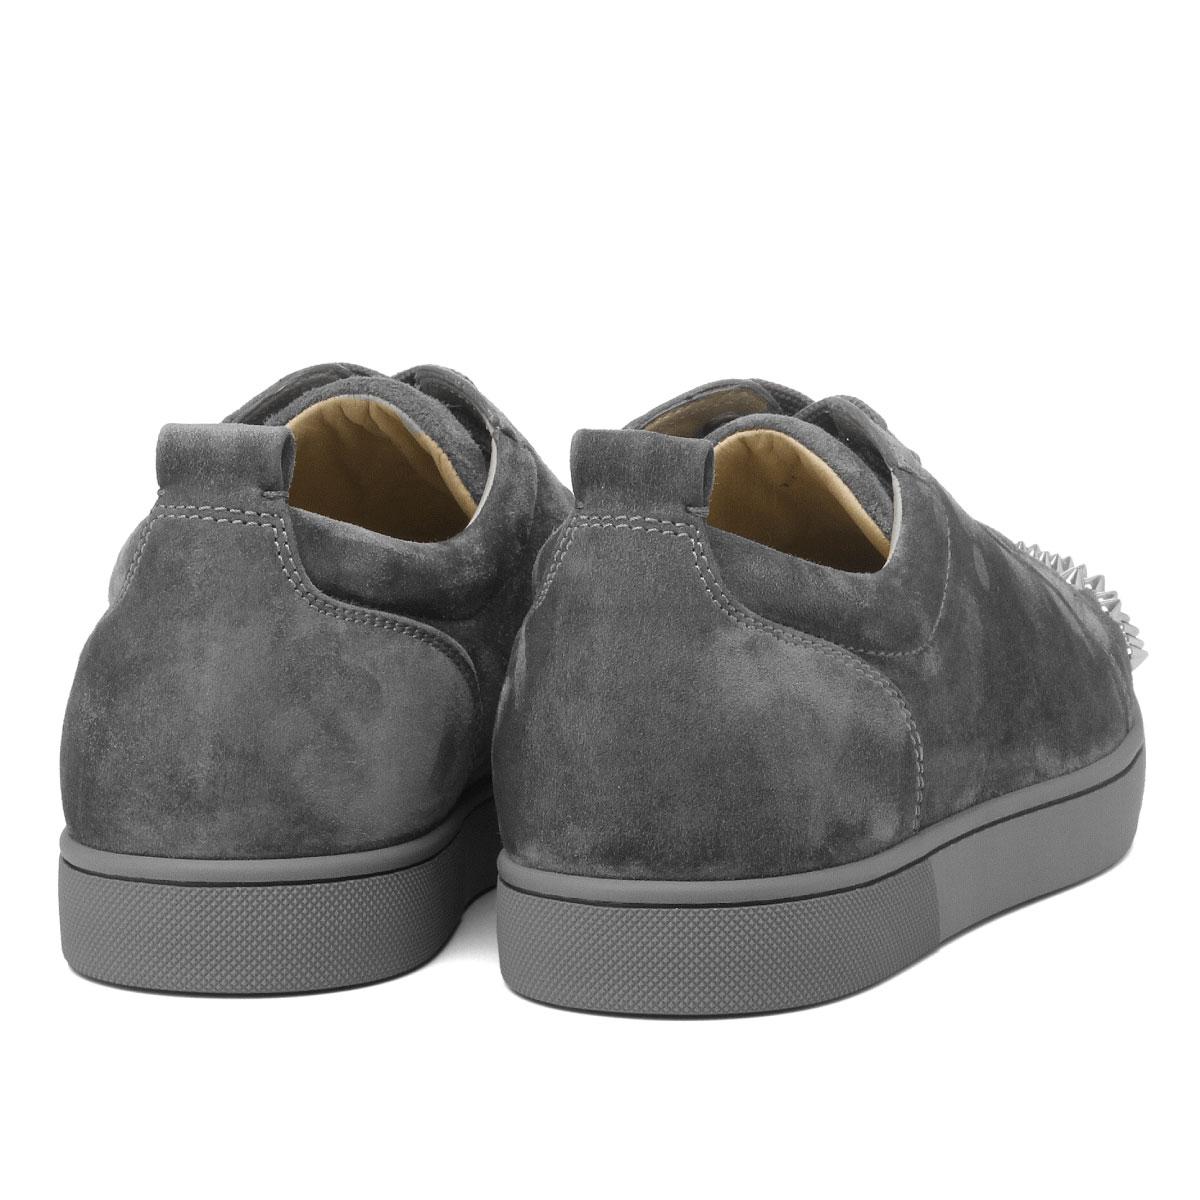 1180051 クリスチャンルブタン Christian Louboutin Shoes Men I208 Sneakers Louis Junior Spikes Flat Lewis Junius Pike Staple Fiber Rat Shadow Sv Gray